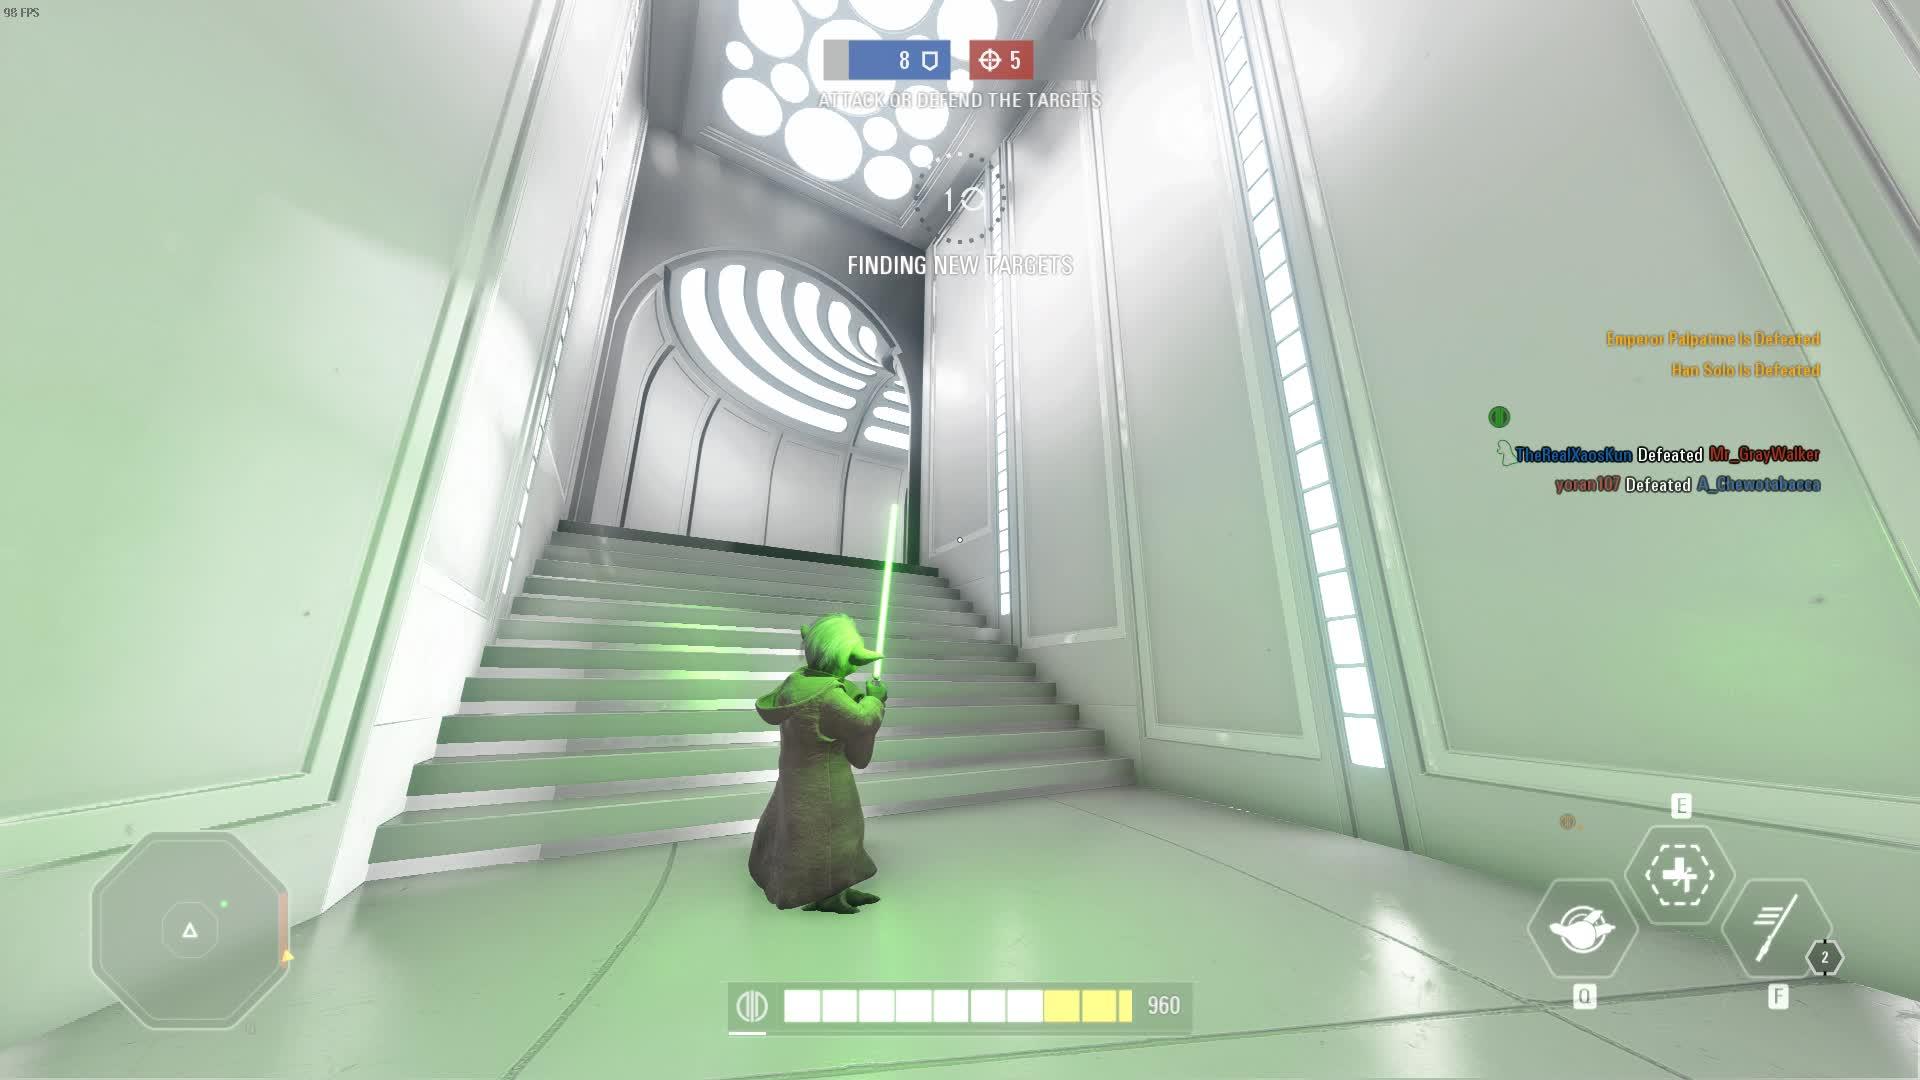 starwarsbattlefront, Star Wars Battlefront II Glitch on Bespin GIFs